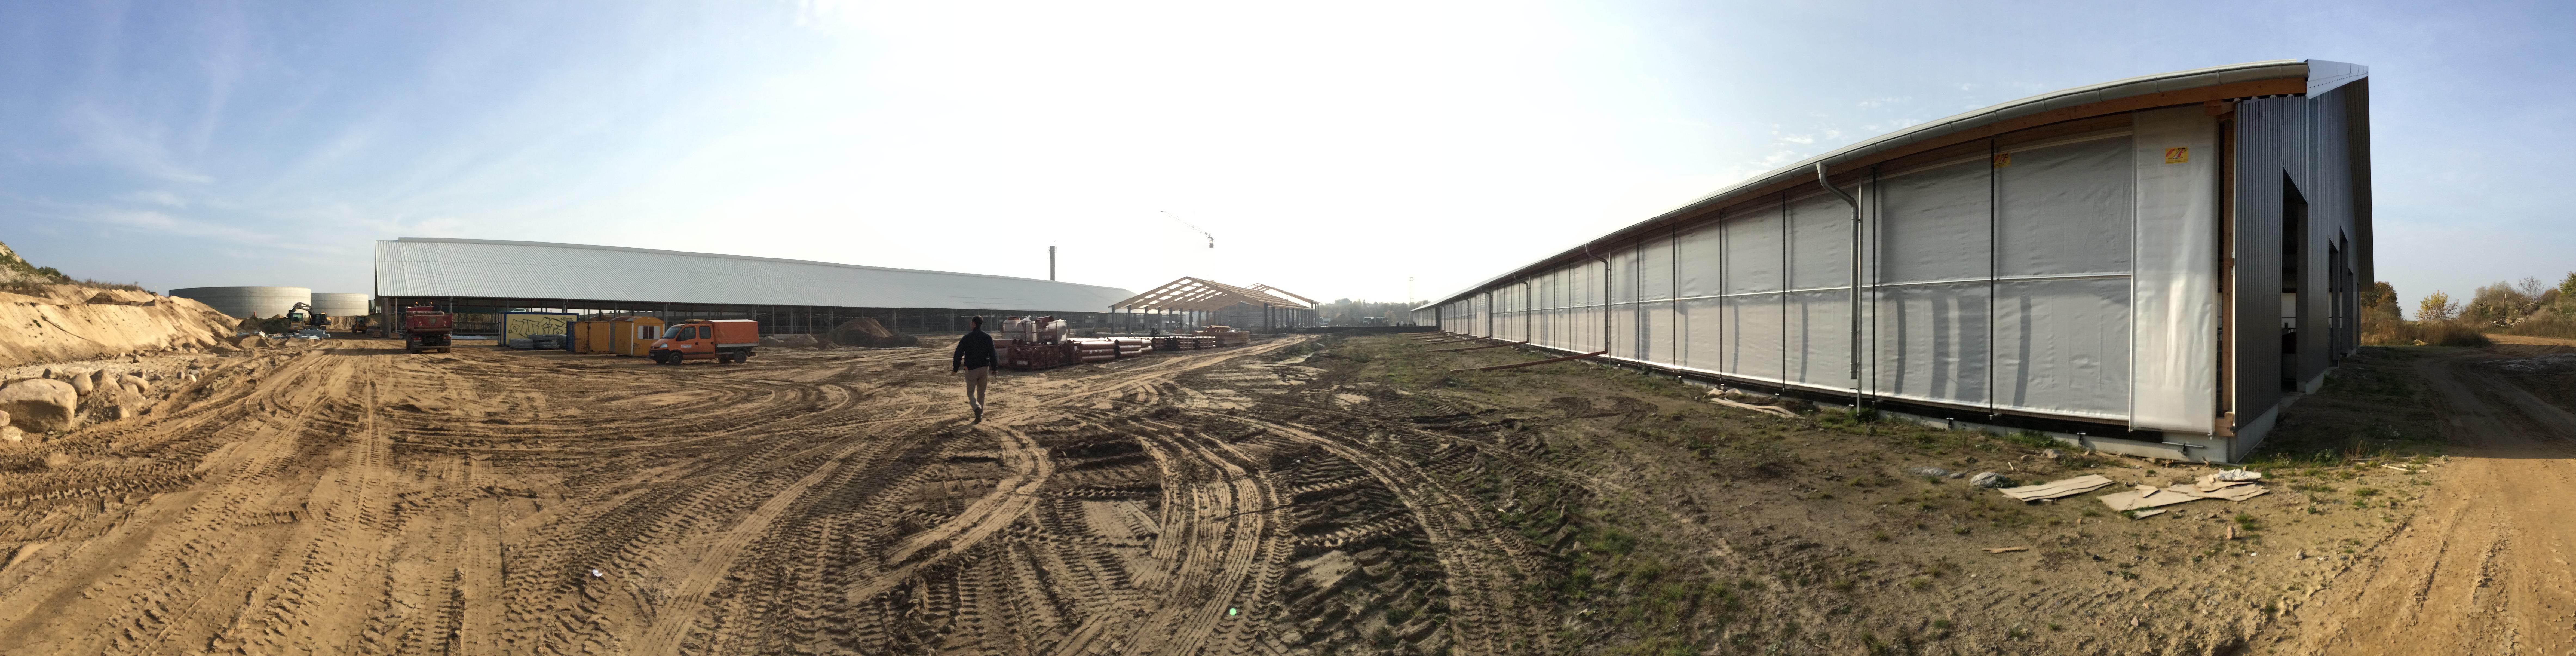 4 Zwischen den Ställen wird fleißig am neuen Melkhaus gebaut